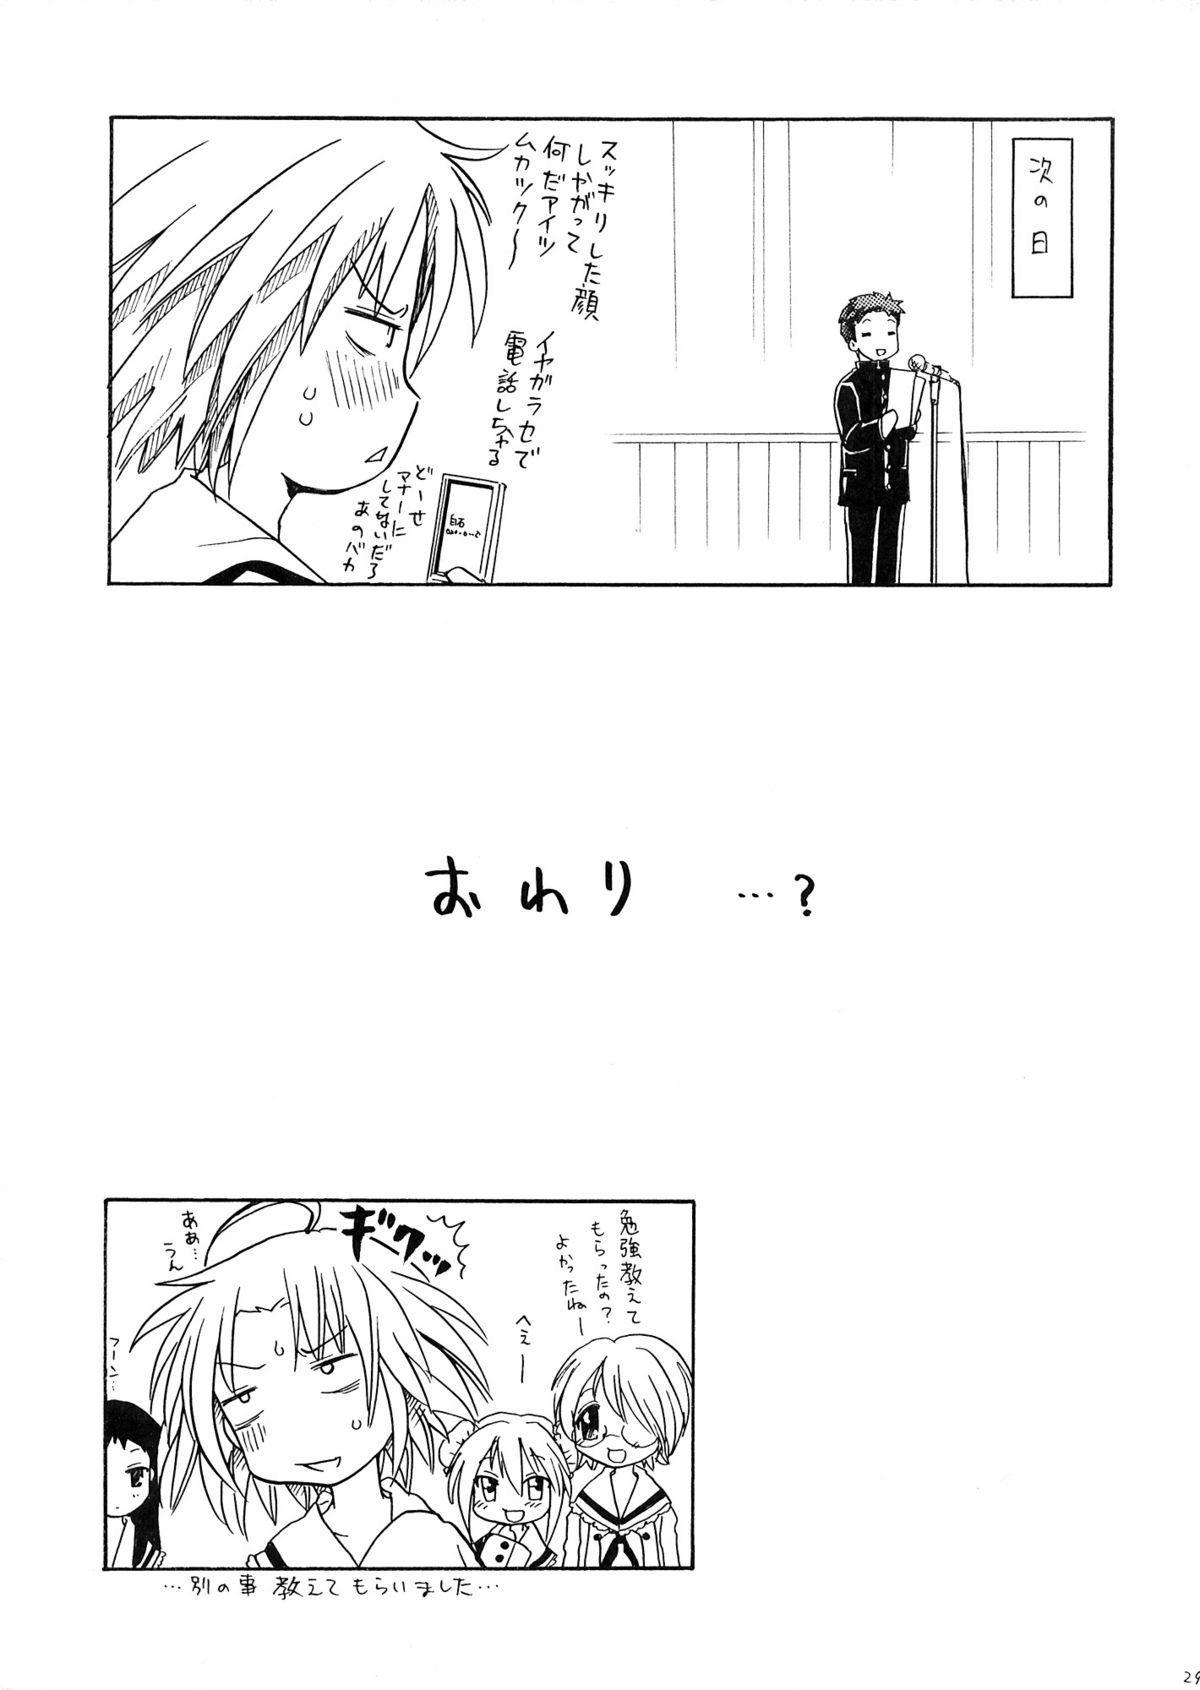 Akira-sama no Yuuutsu 28